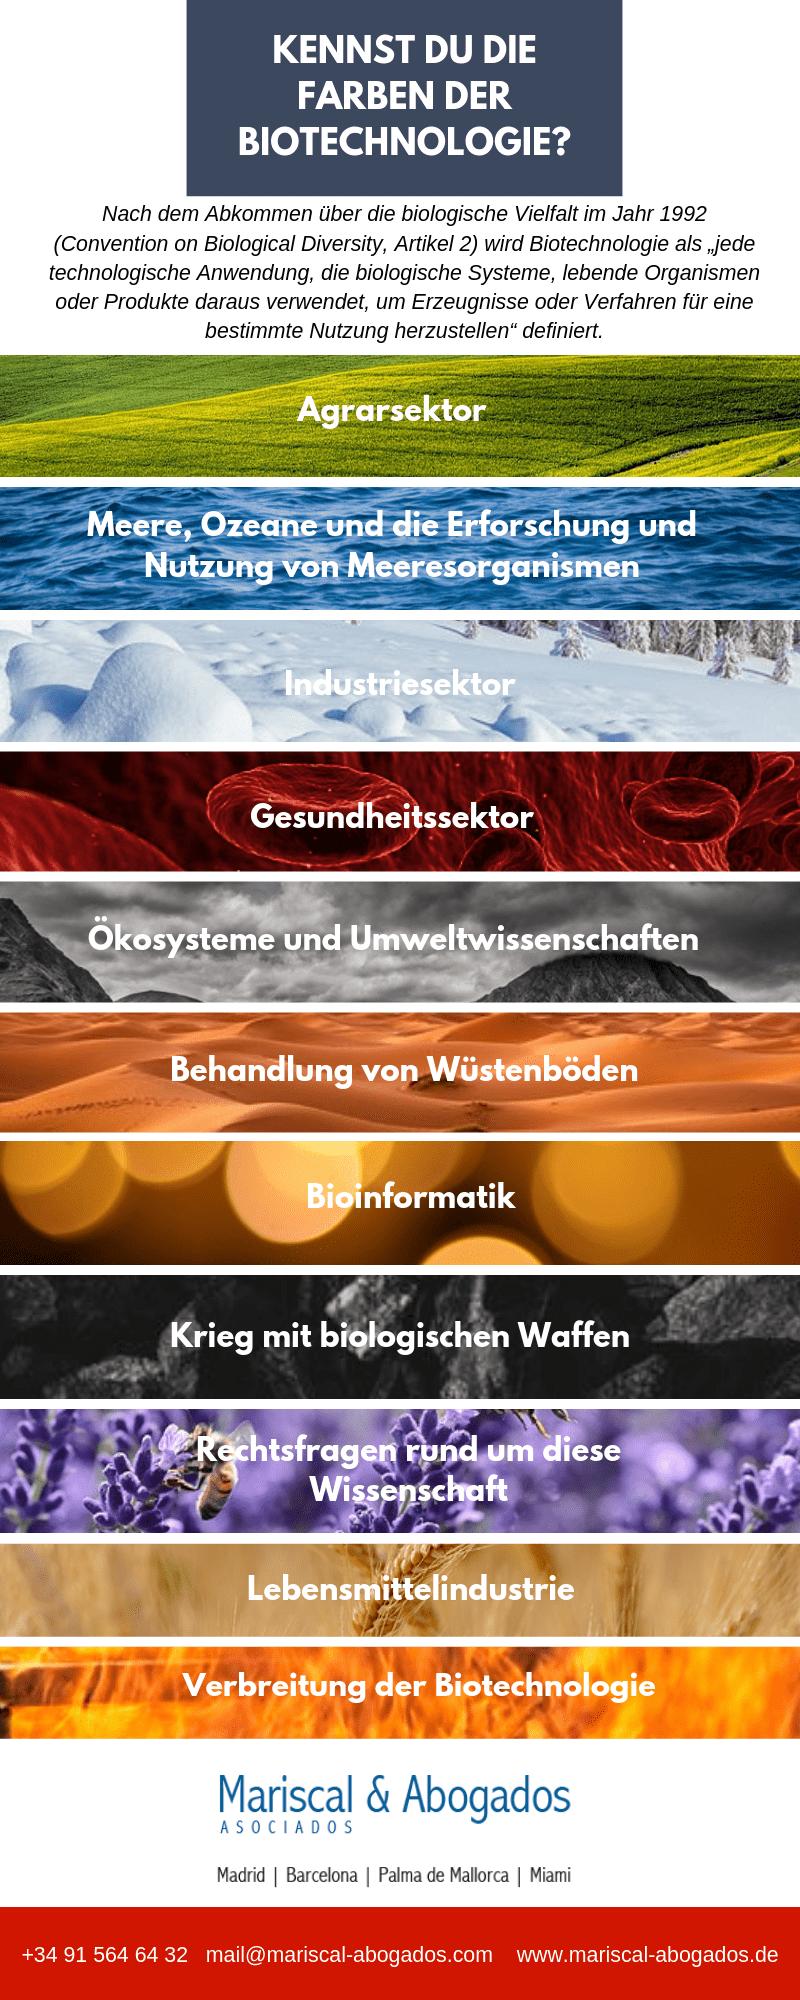 58 2016 Kennst du die Farben der Biotechnologie_